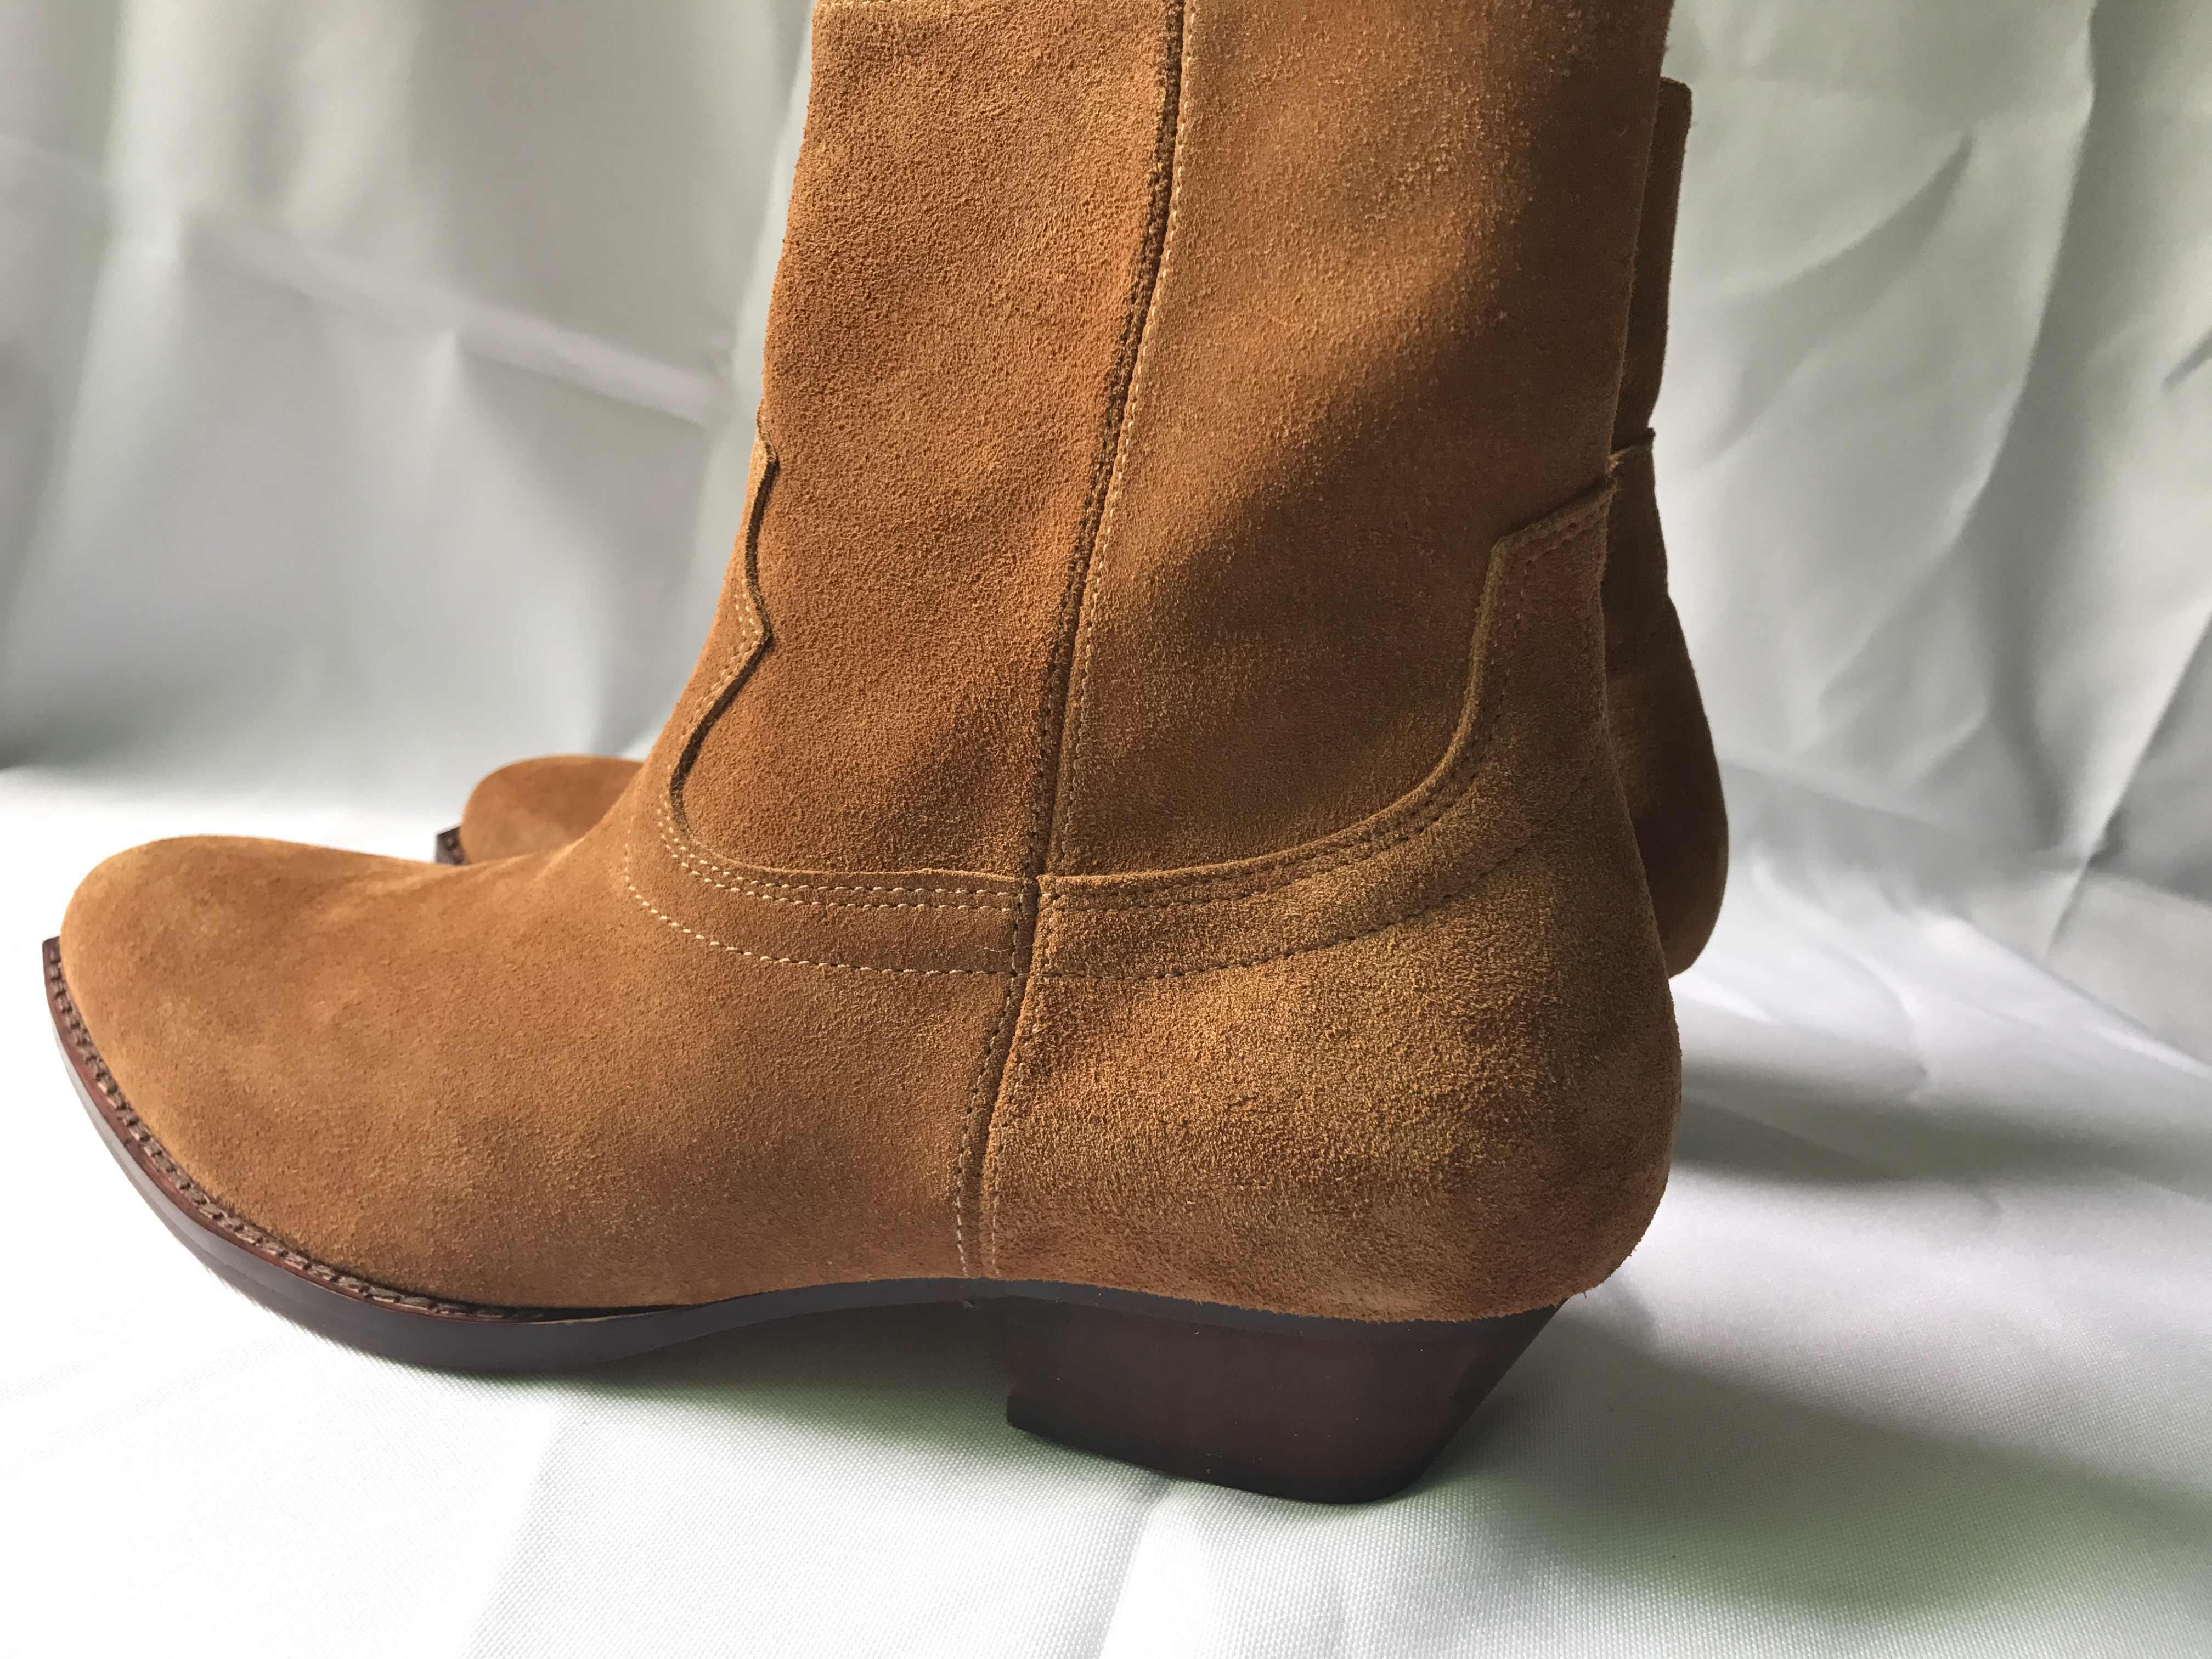 WPG Europa, los últimos estilos, zapatos de cuero para hombres, botas de alta calidad Chelsea, botas negras, marrones, zapatos de invierno para hombres, botas para hombres